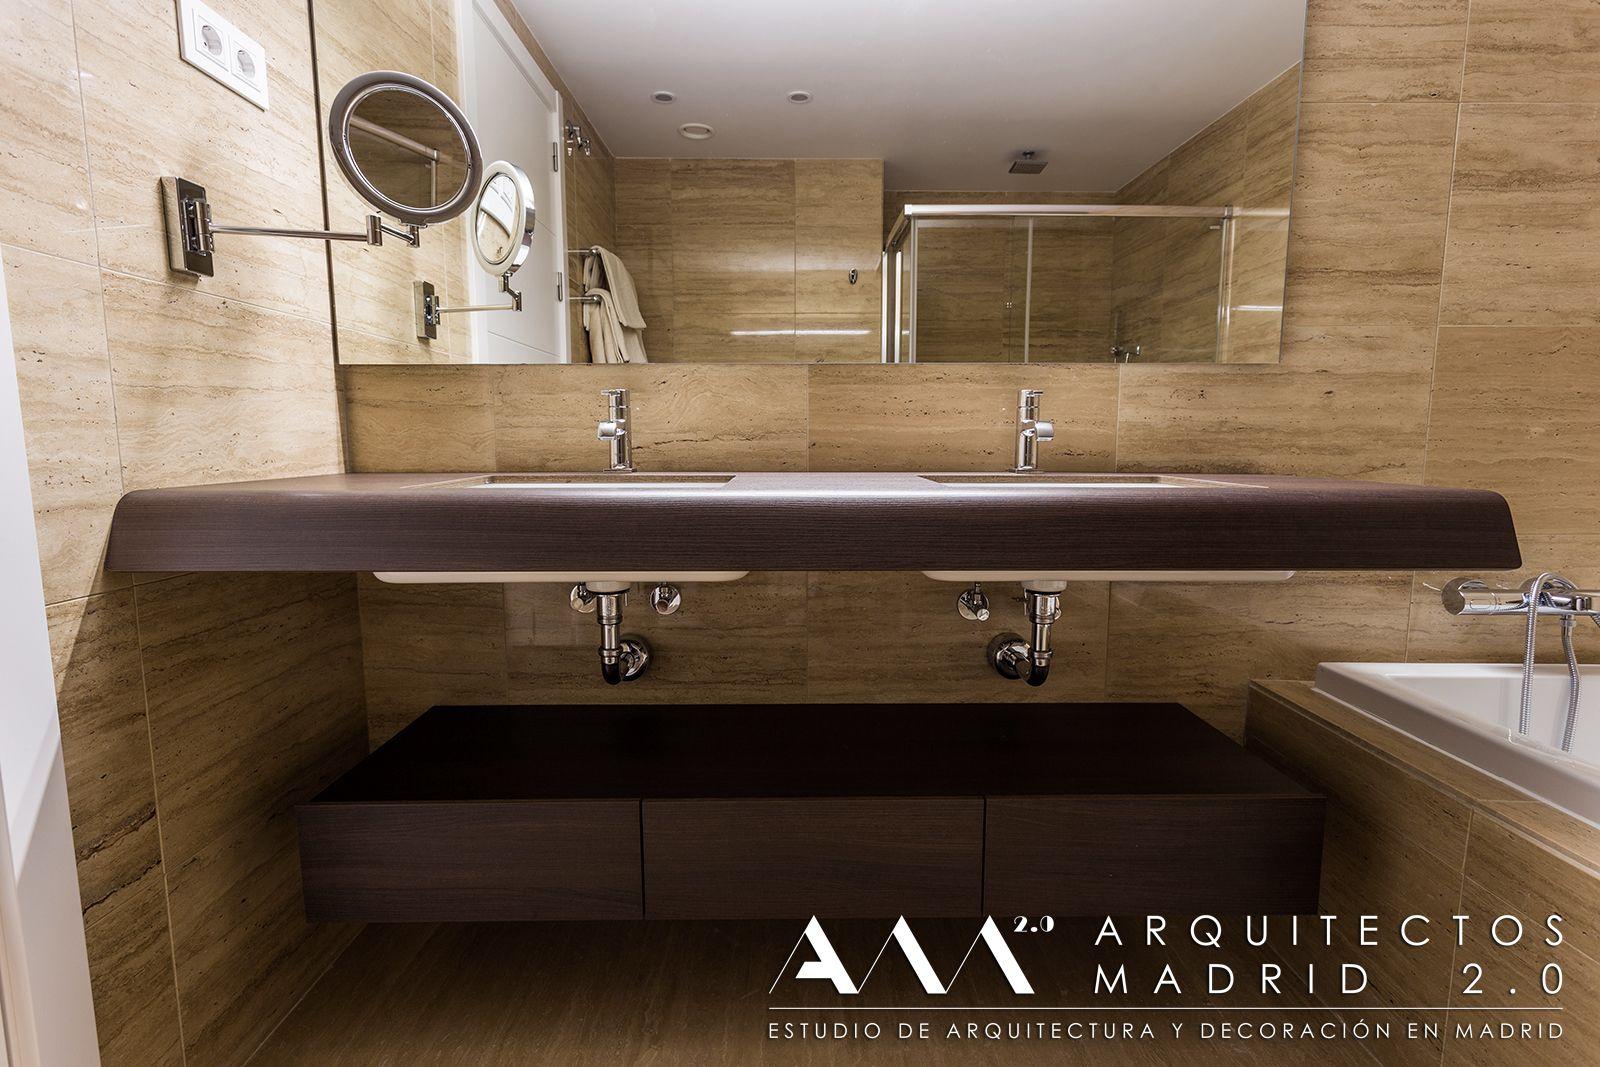 encimera con 2 lavabos incorporados de madera, diseño baños